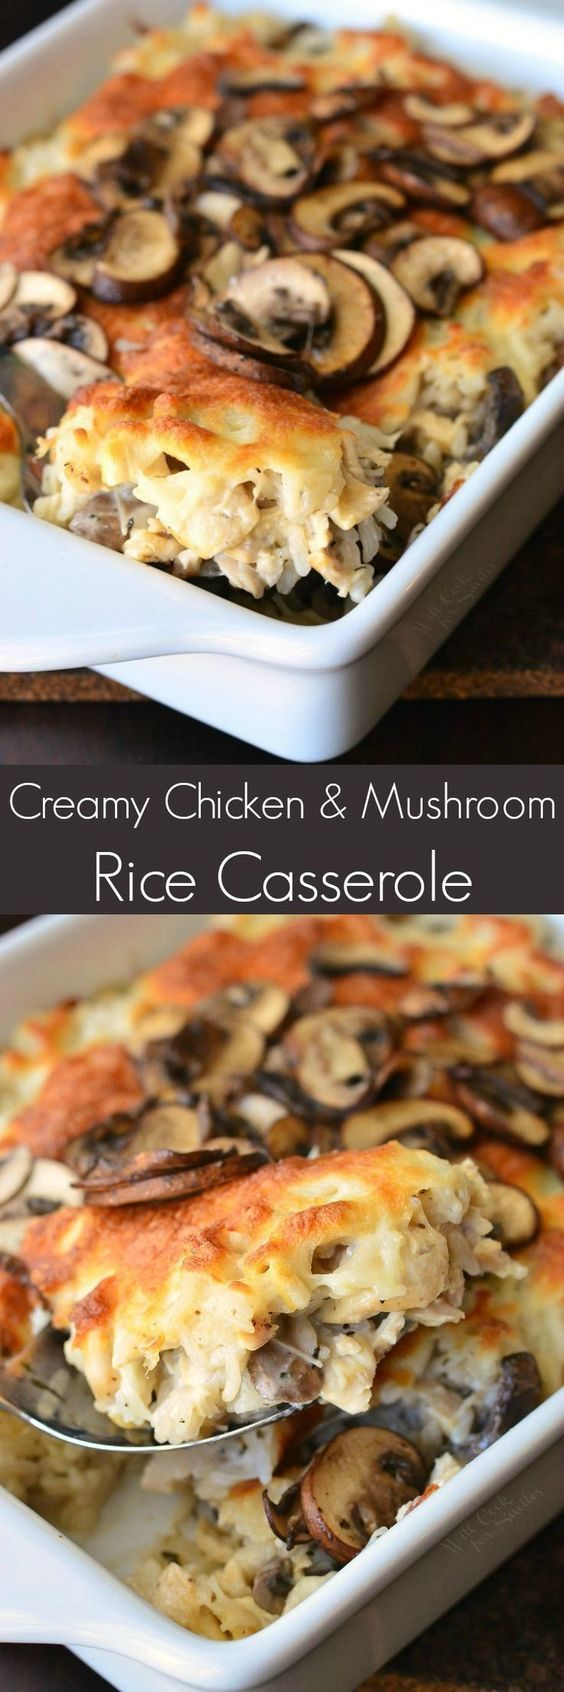 Creamy Chicken Mushroom Rice Casserole. Delicious, creamy, cheesy rice casserole made with lots of mushrooms and chicken.